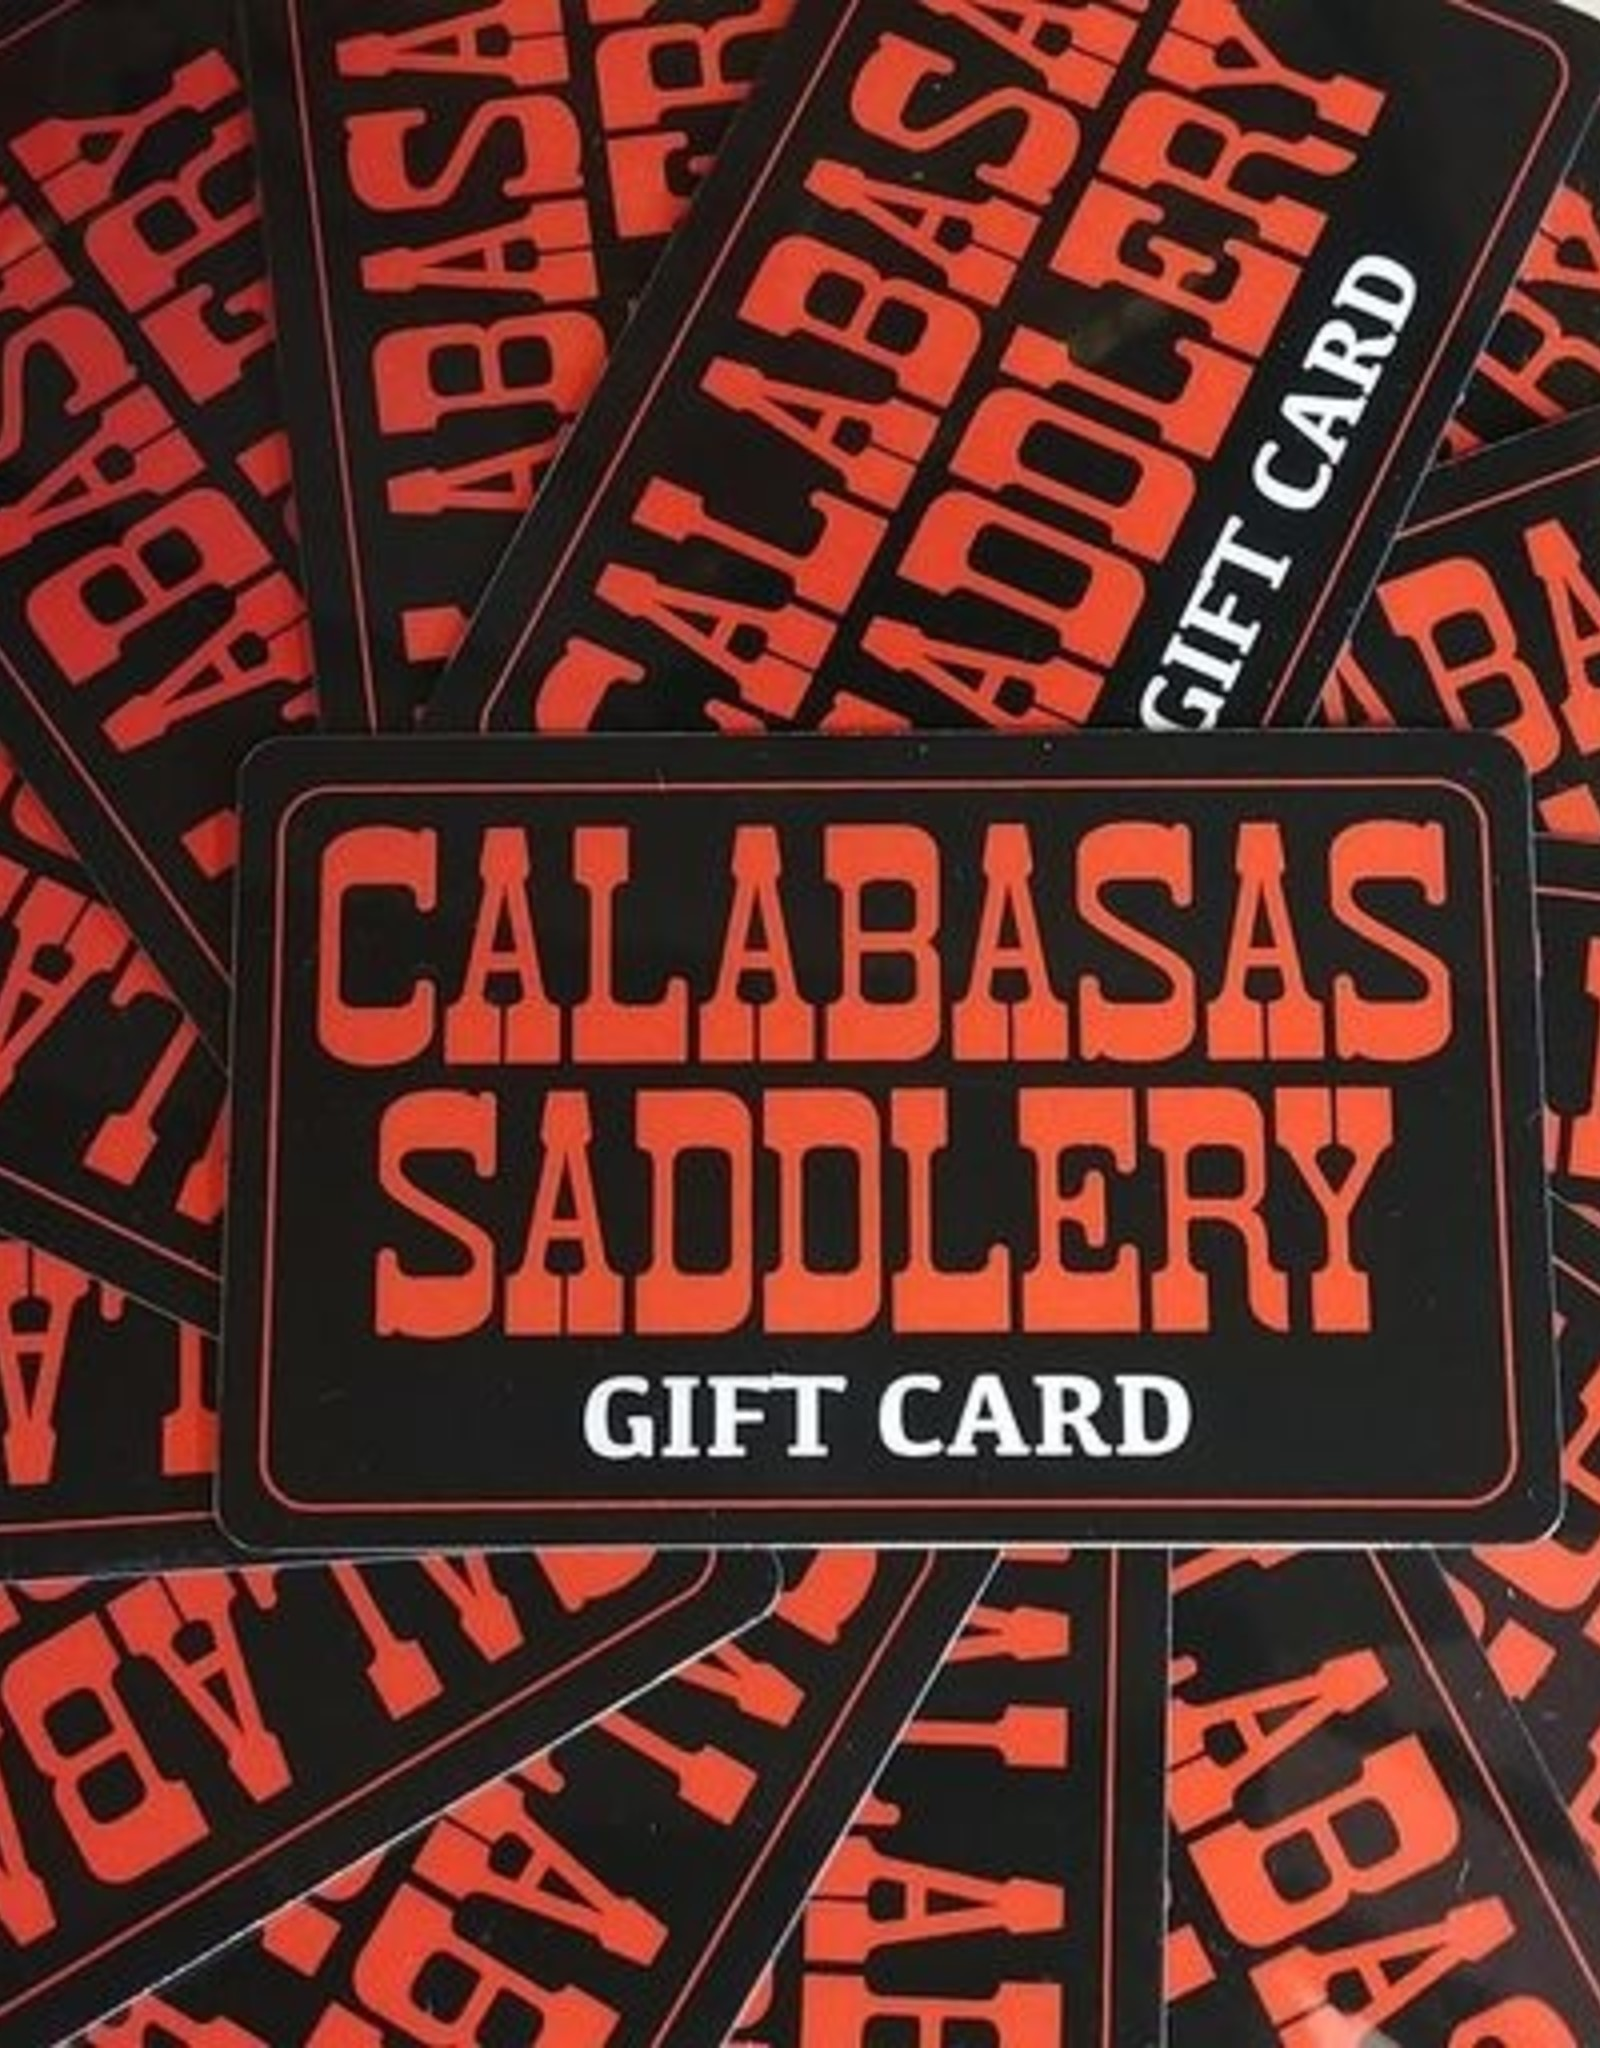 Calabasas Saddlery Gift Card